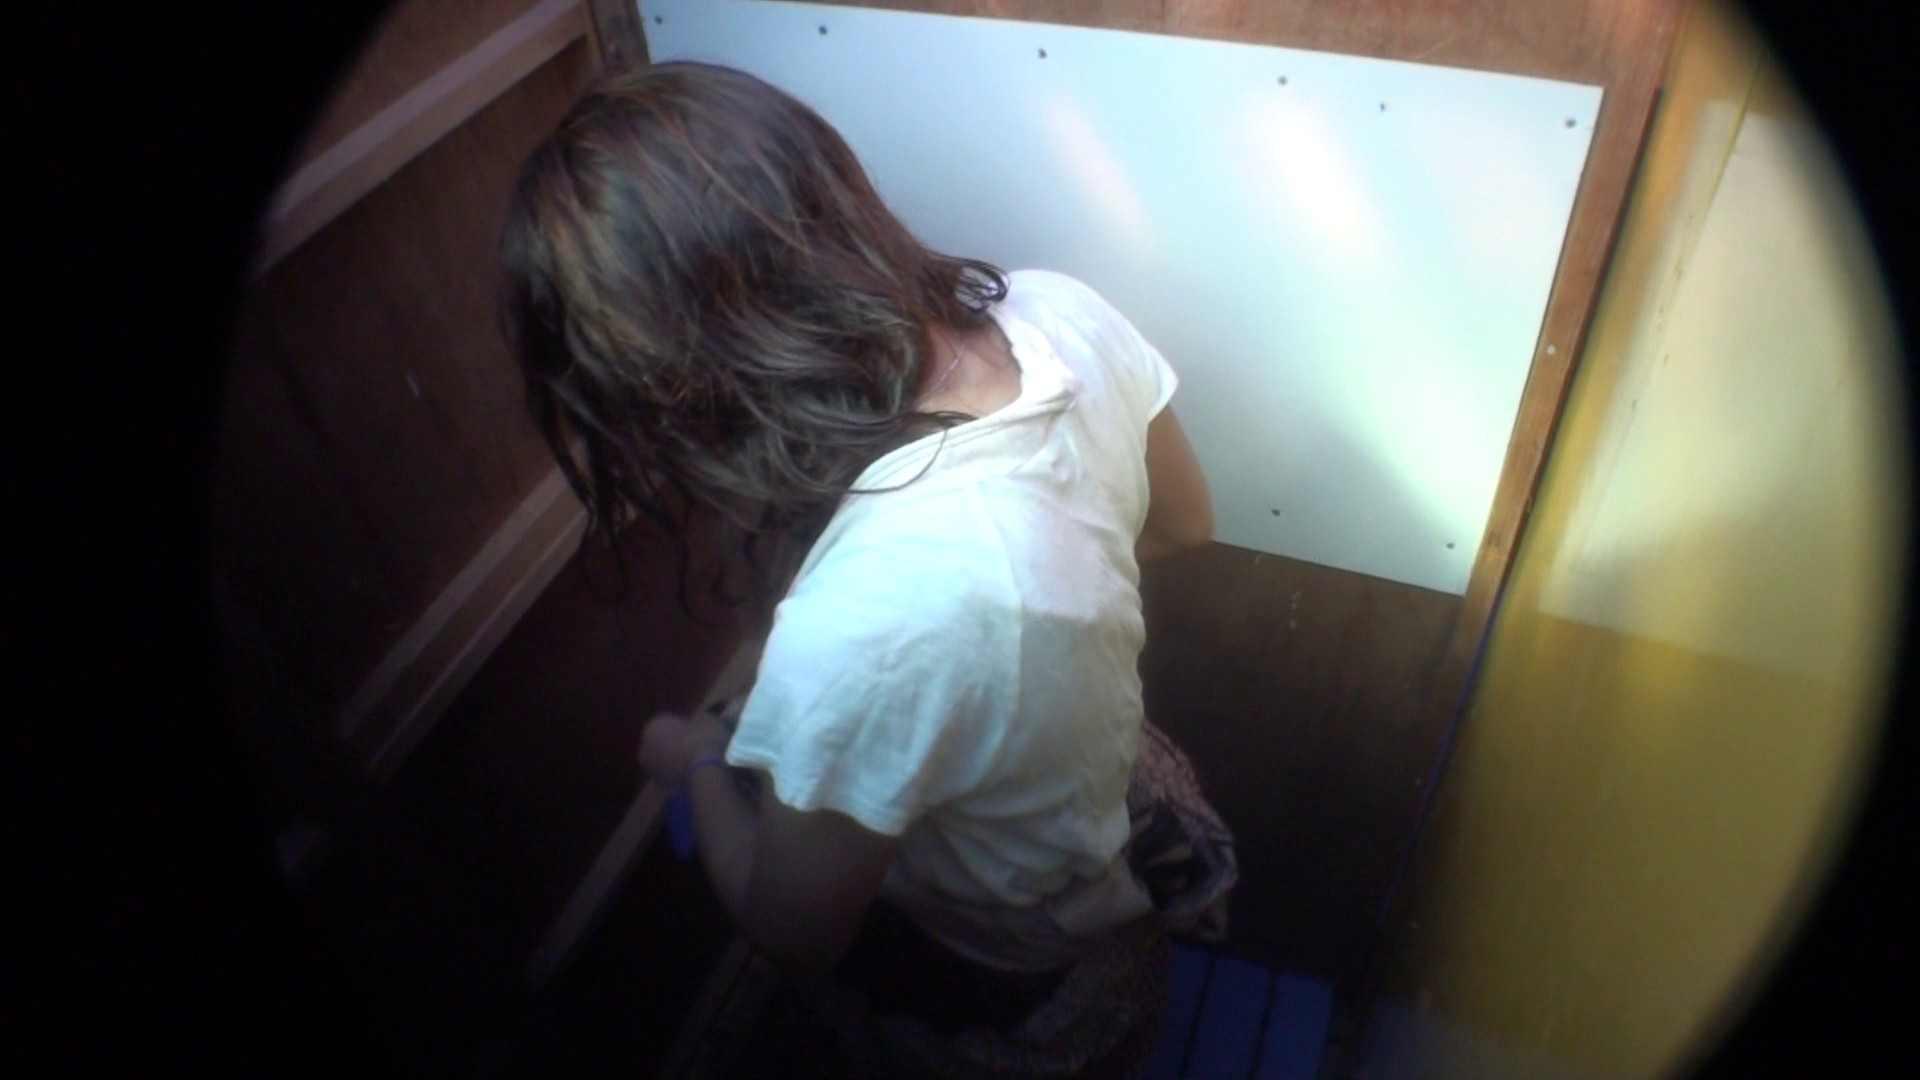 Vol.11 乳首まで日焼けしたお女市さん シャワー室 AV無料動画キャプチャ 111枚 86